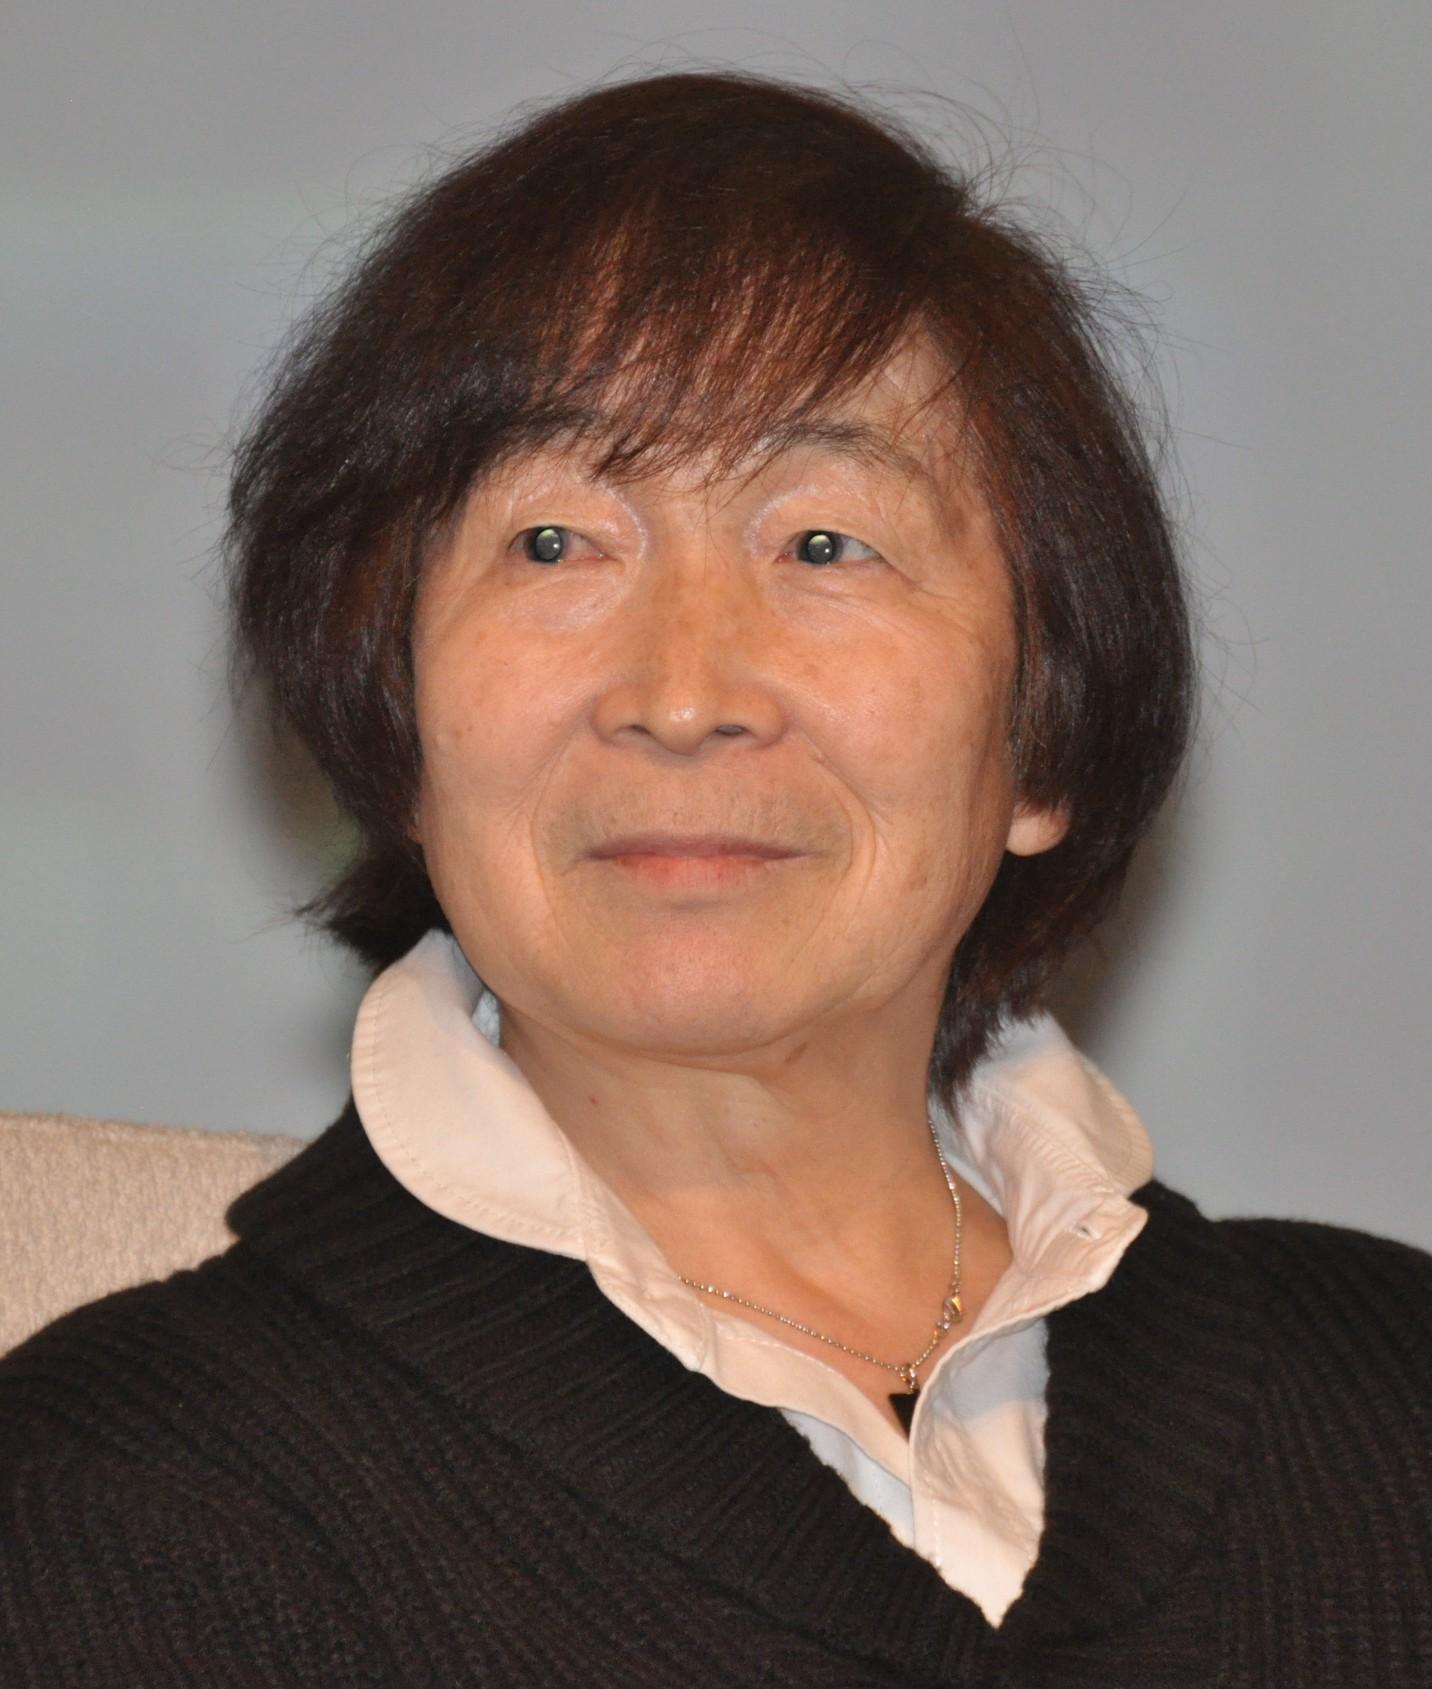 Toshio Furukawa Wikipedia